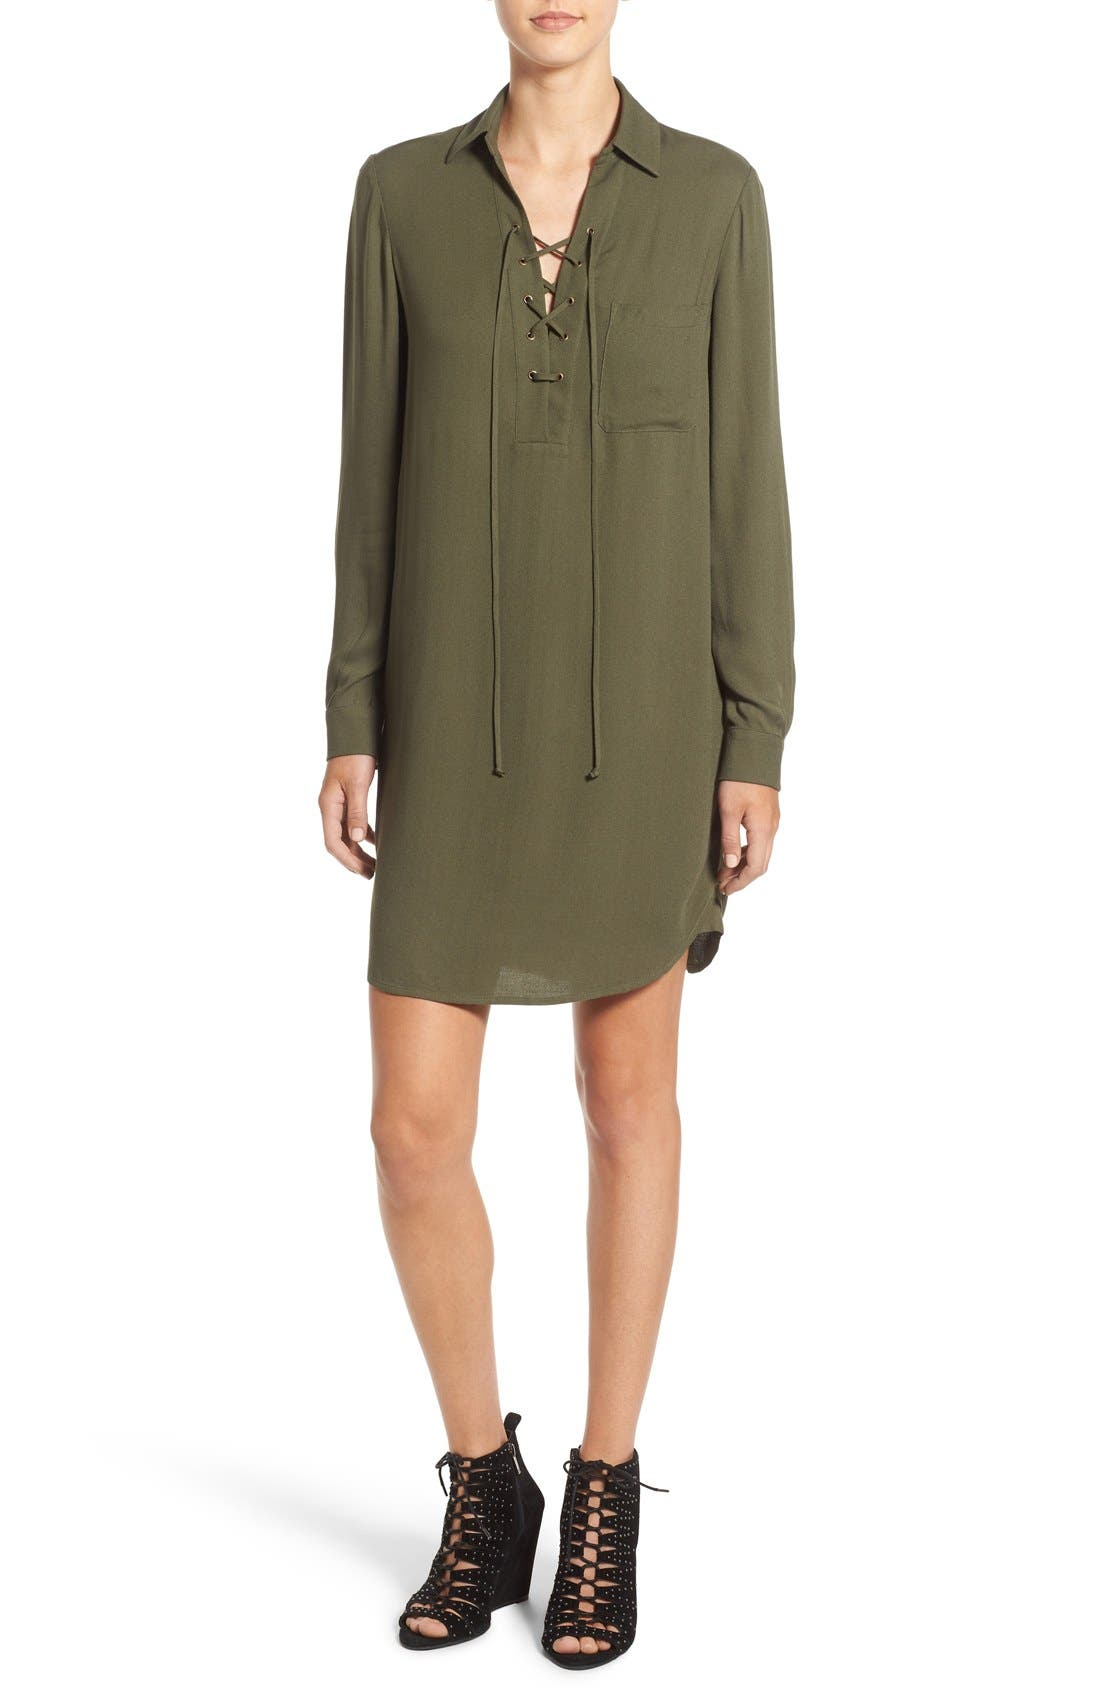 WAYF, Lace-Up Shirtdress, Main thumbnail 1, color, 300